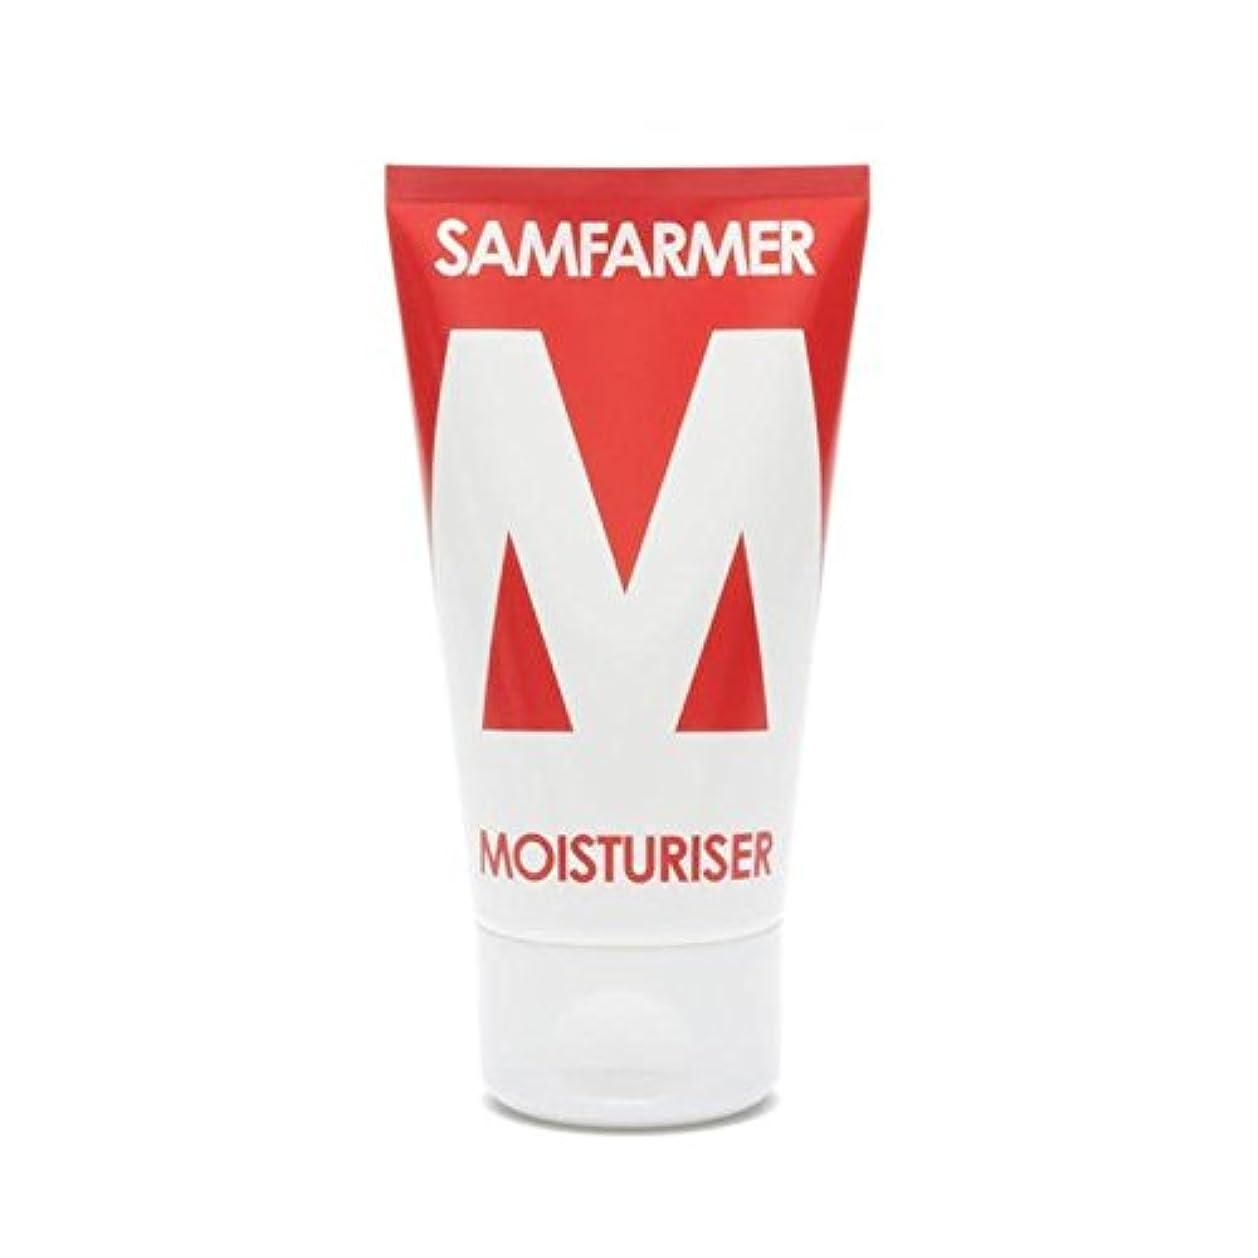 スパークベーリング海峡素人ユニセックス保湿50ミリリットル x2 - SAMFARMER Unisex Moisturiser 50ml (Pack of 2) [並行輸入品]